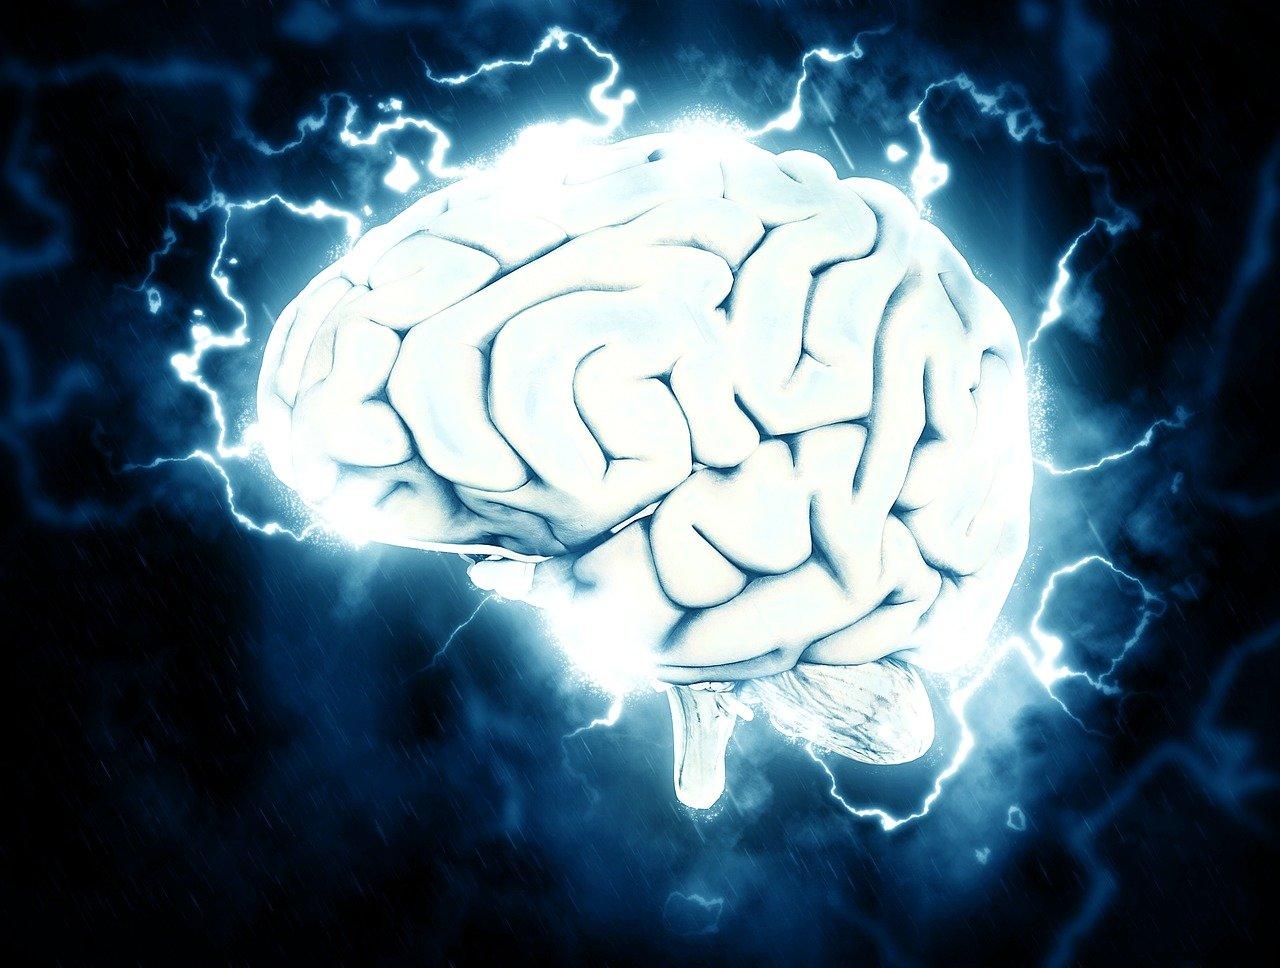 Výsledek obrázku pro mozek jako diamant